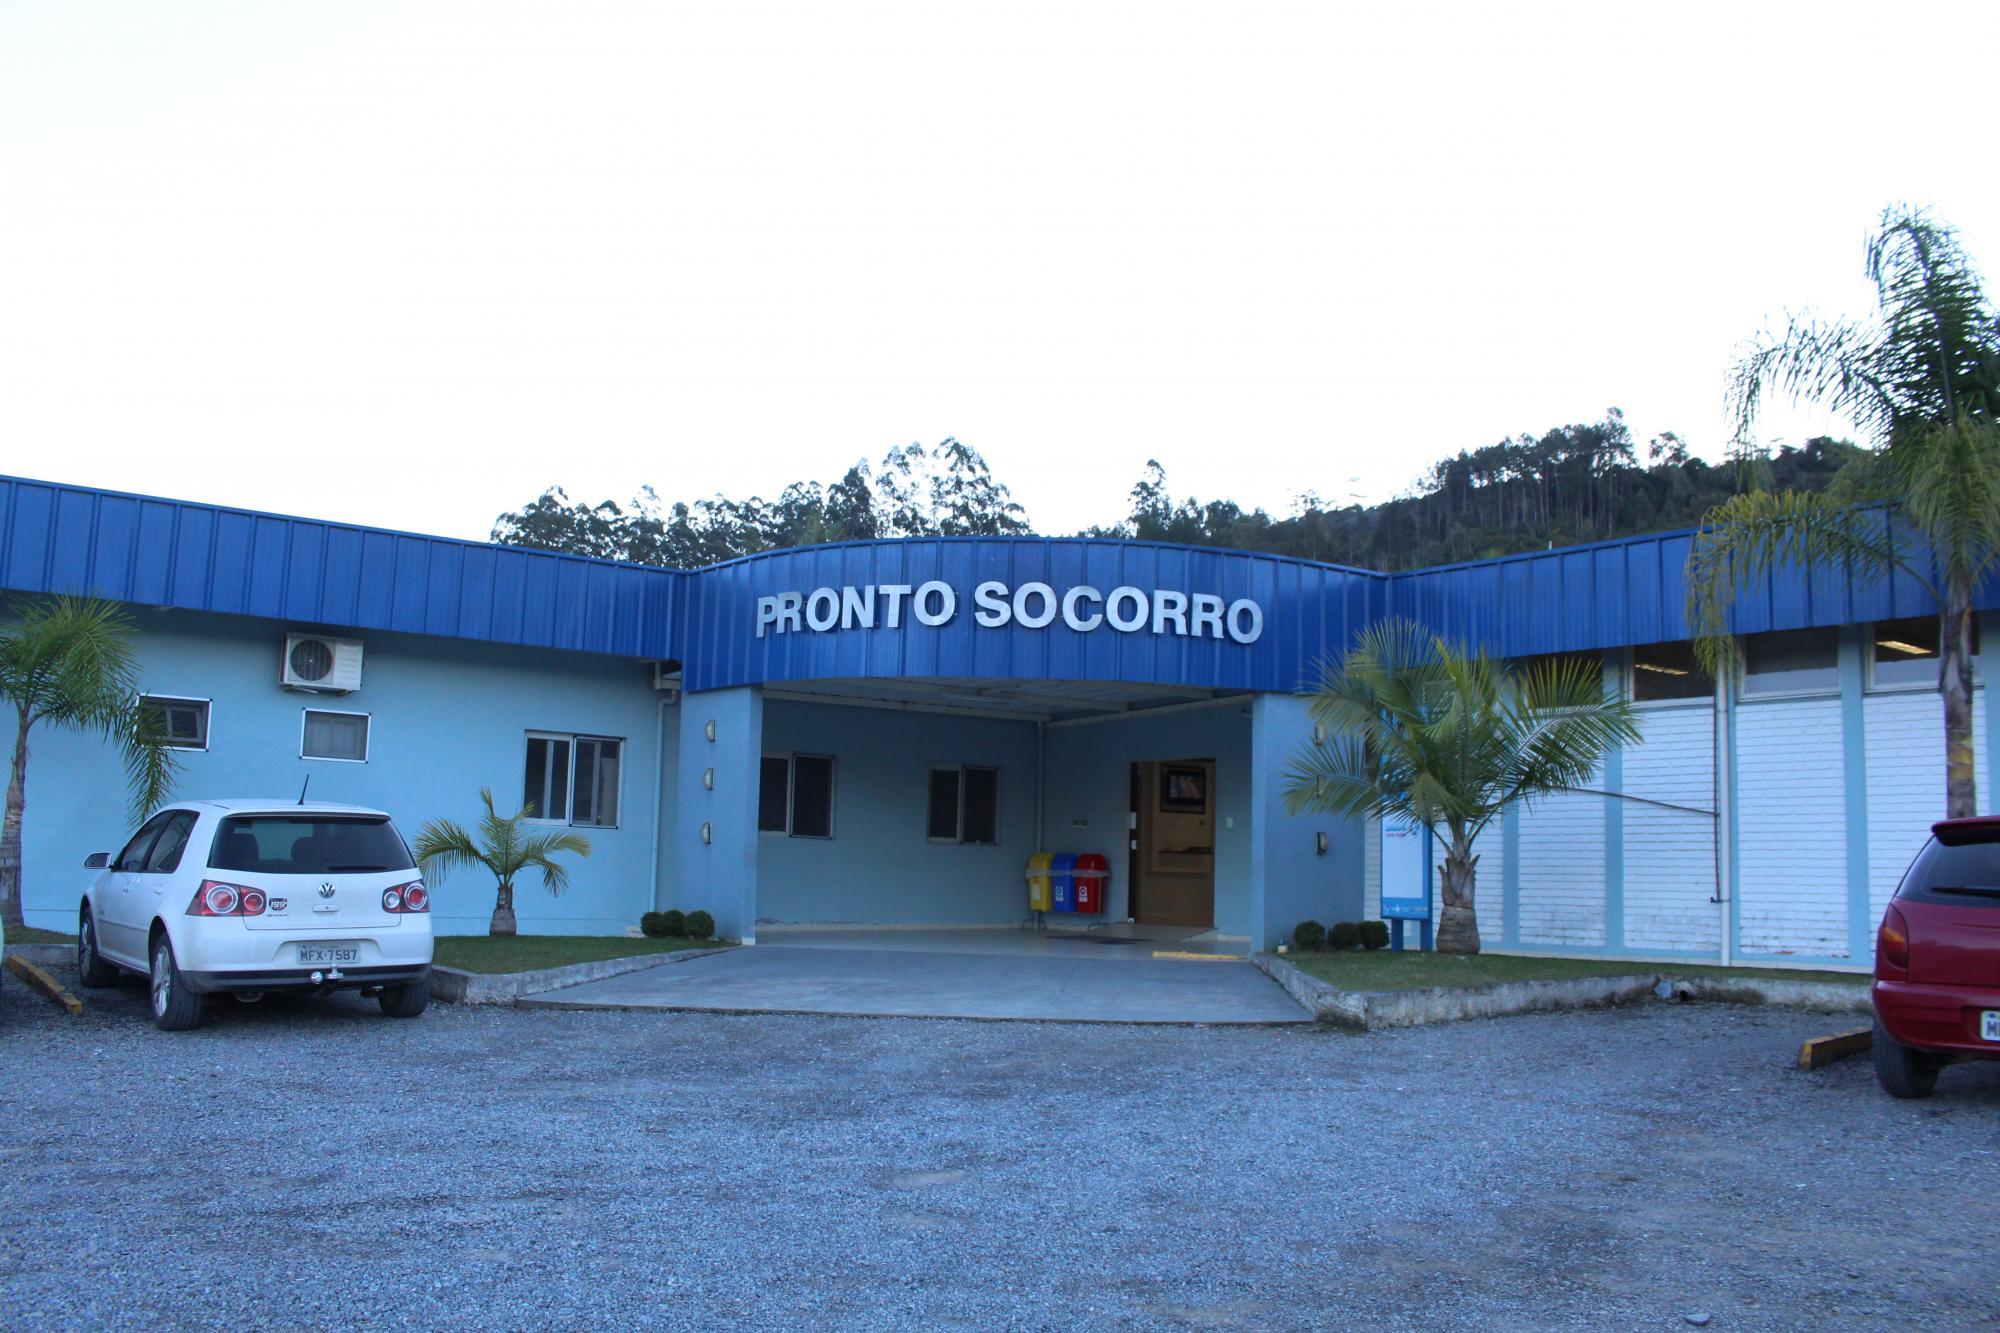 Ações beneficentes arrecadam mais de R$ 14 mil para hospital de Vidal Ramos